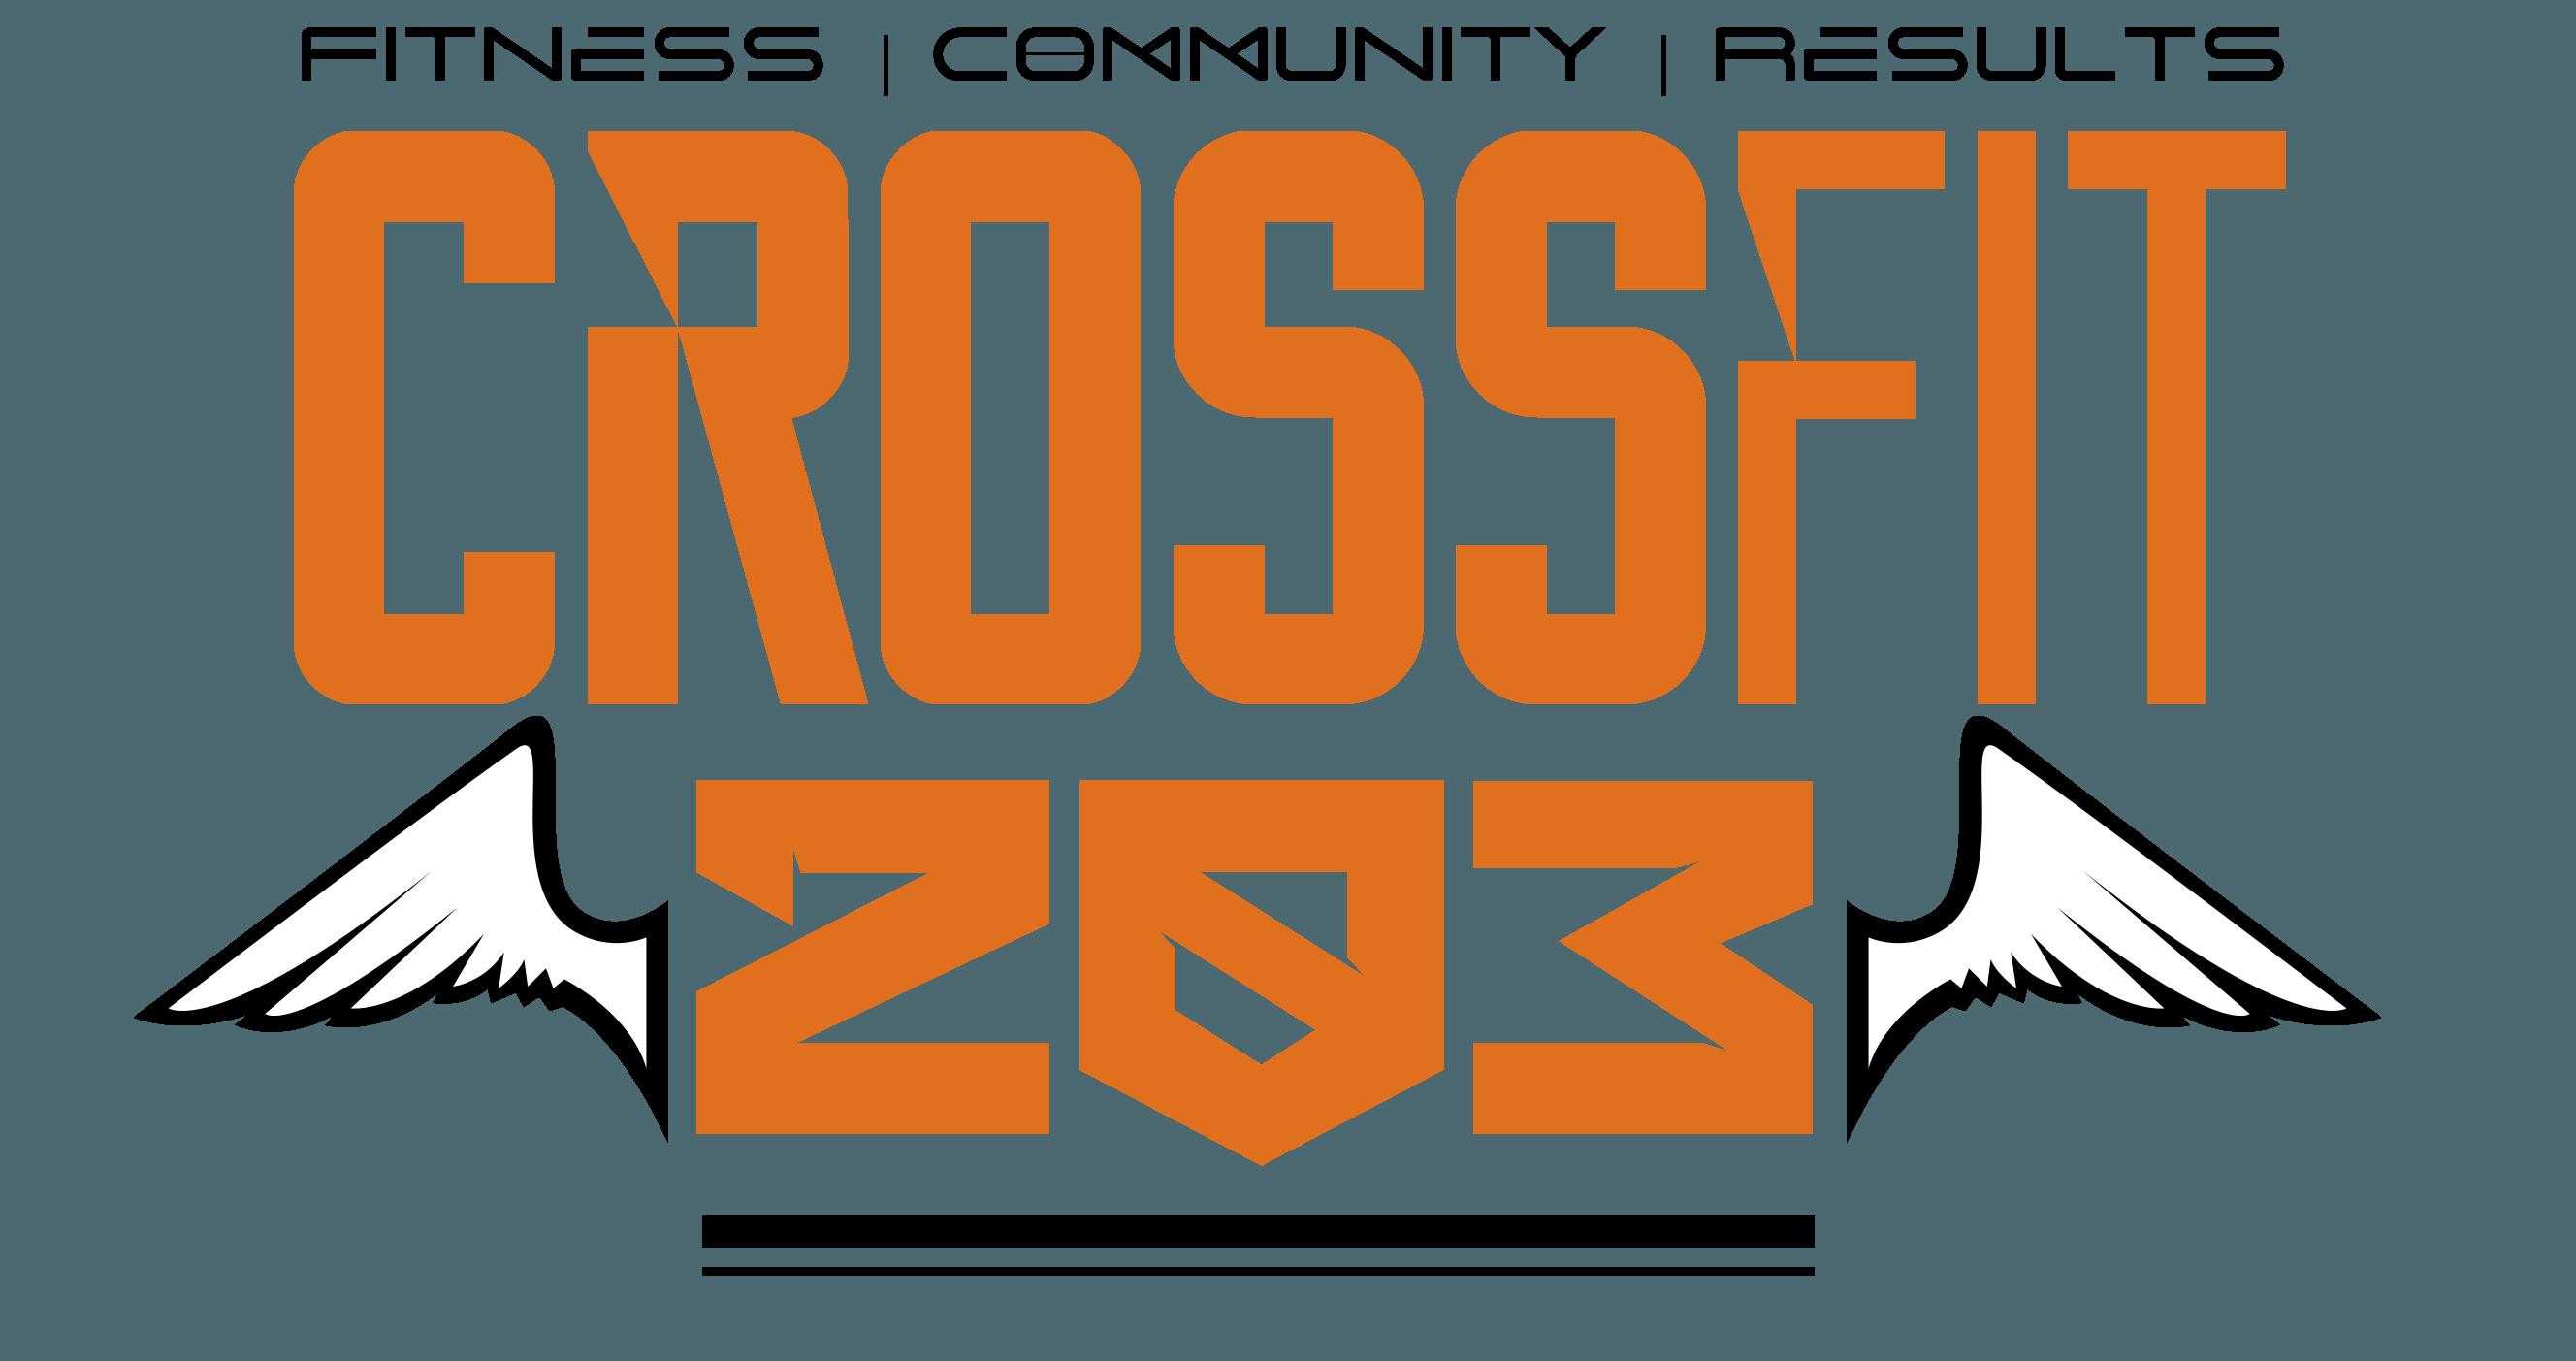 crossfit 203 of danbury